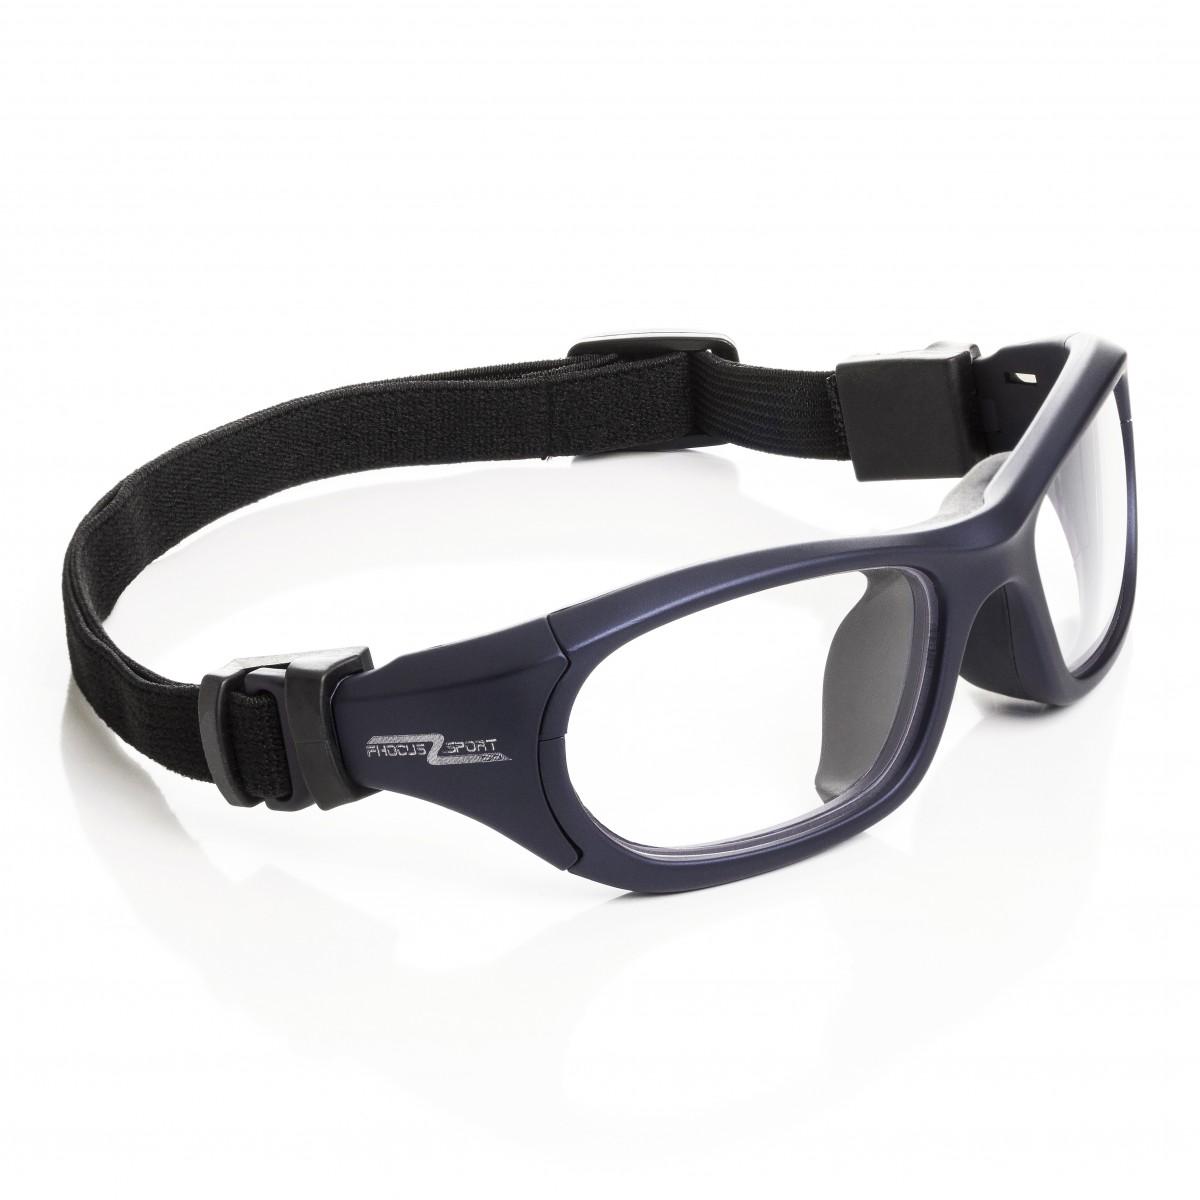 801de157b Óculos para jogar futebol fhocus sports - Esporte Visão